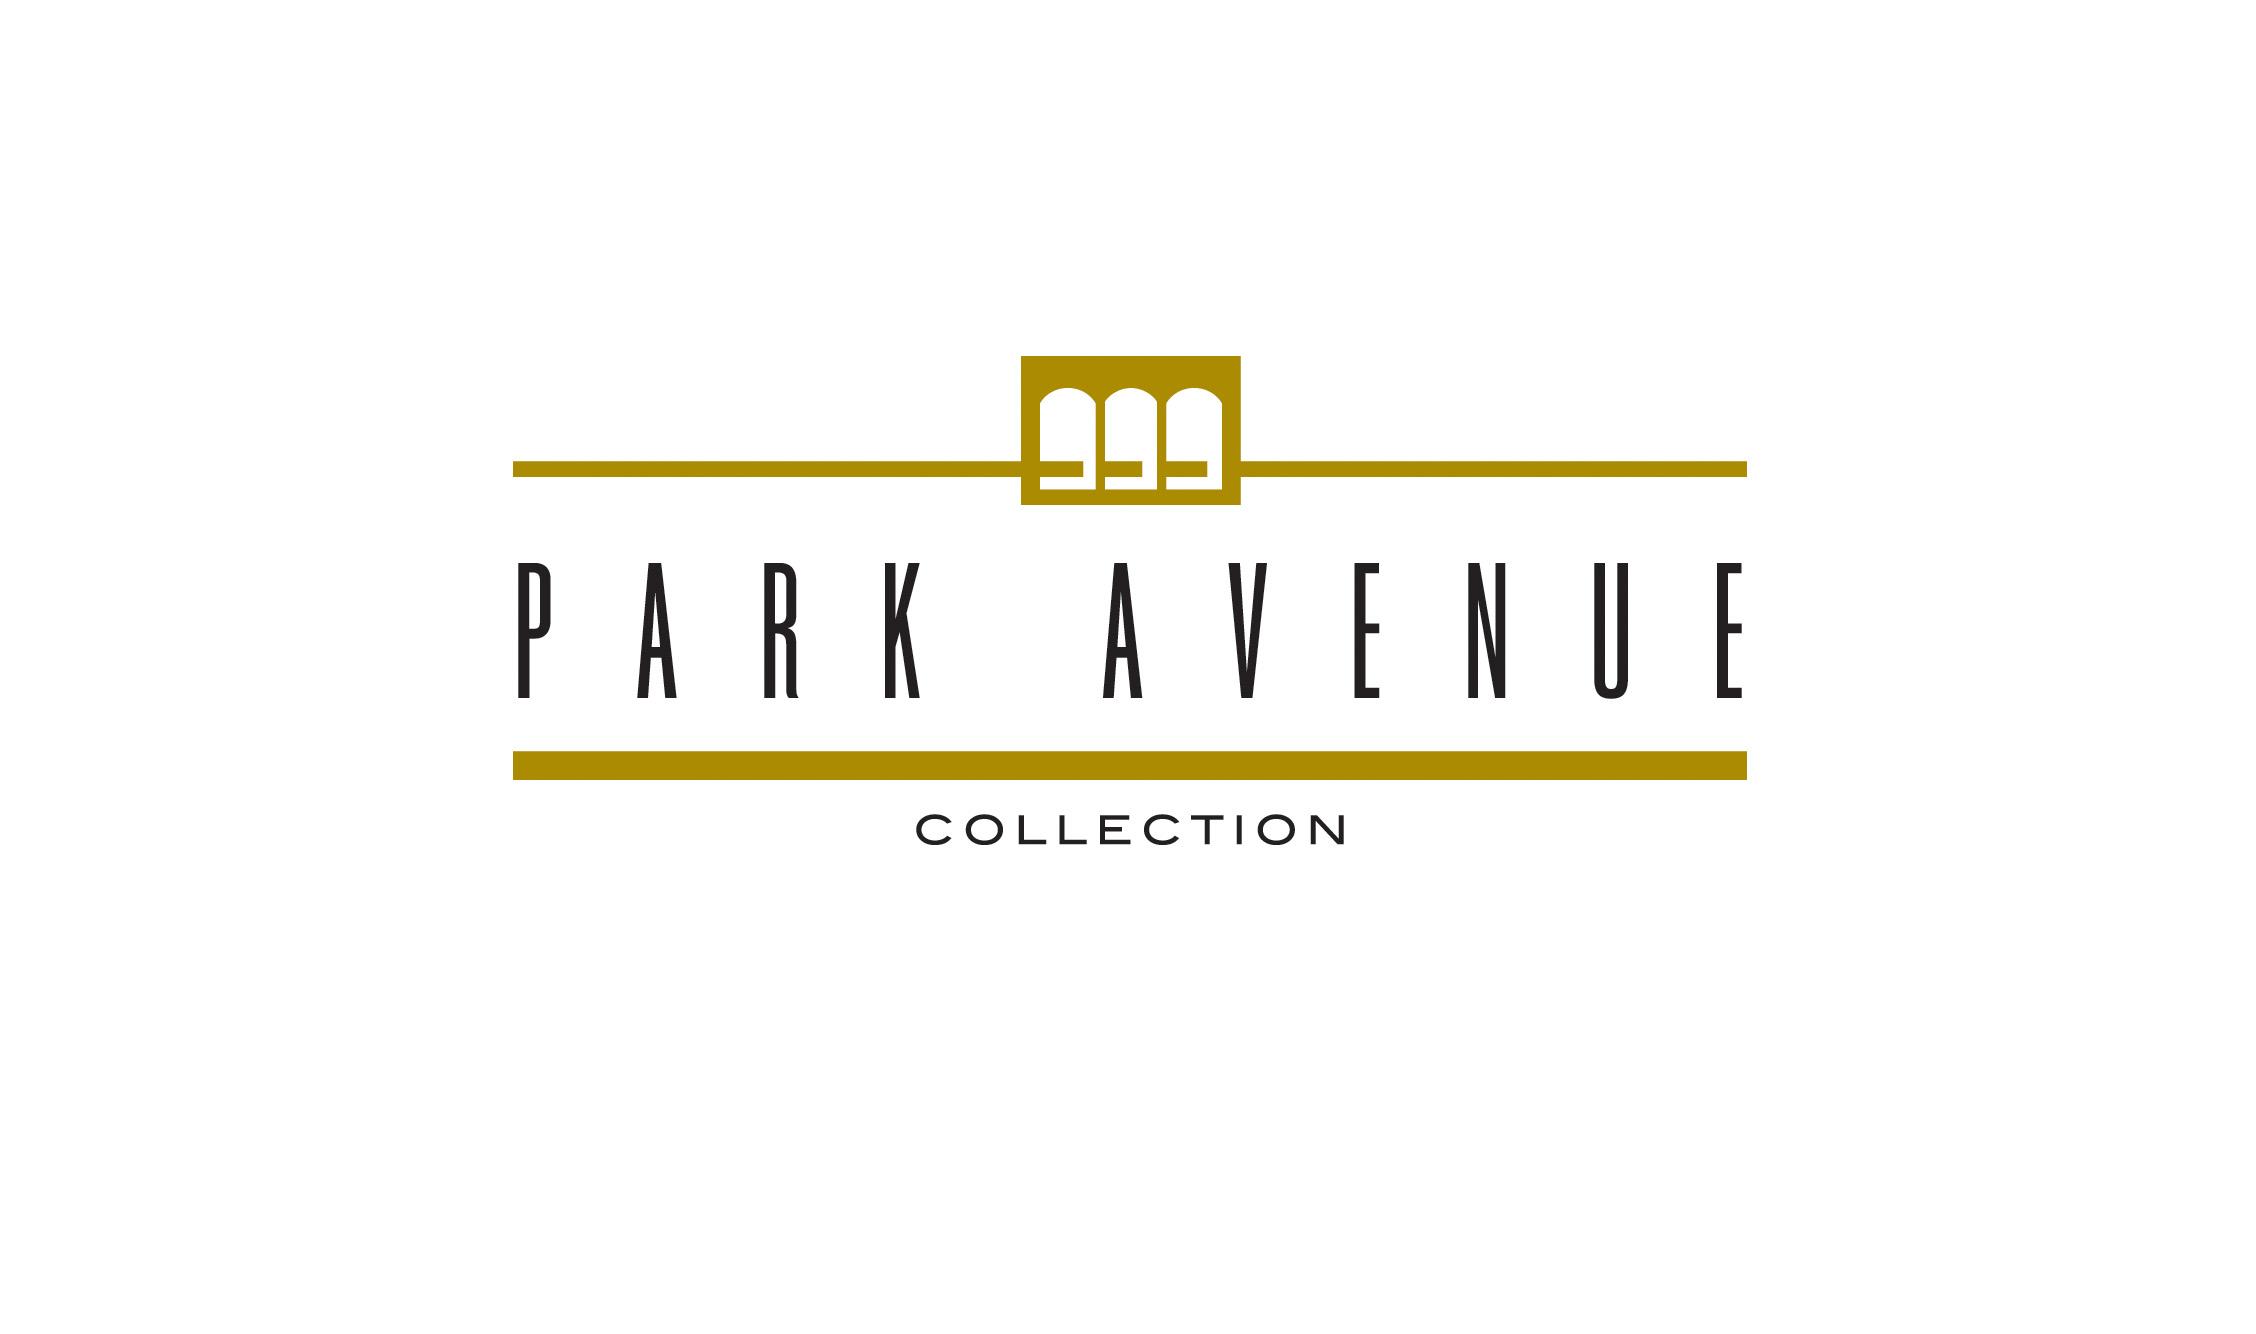 Park Avenue Collection